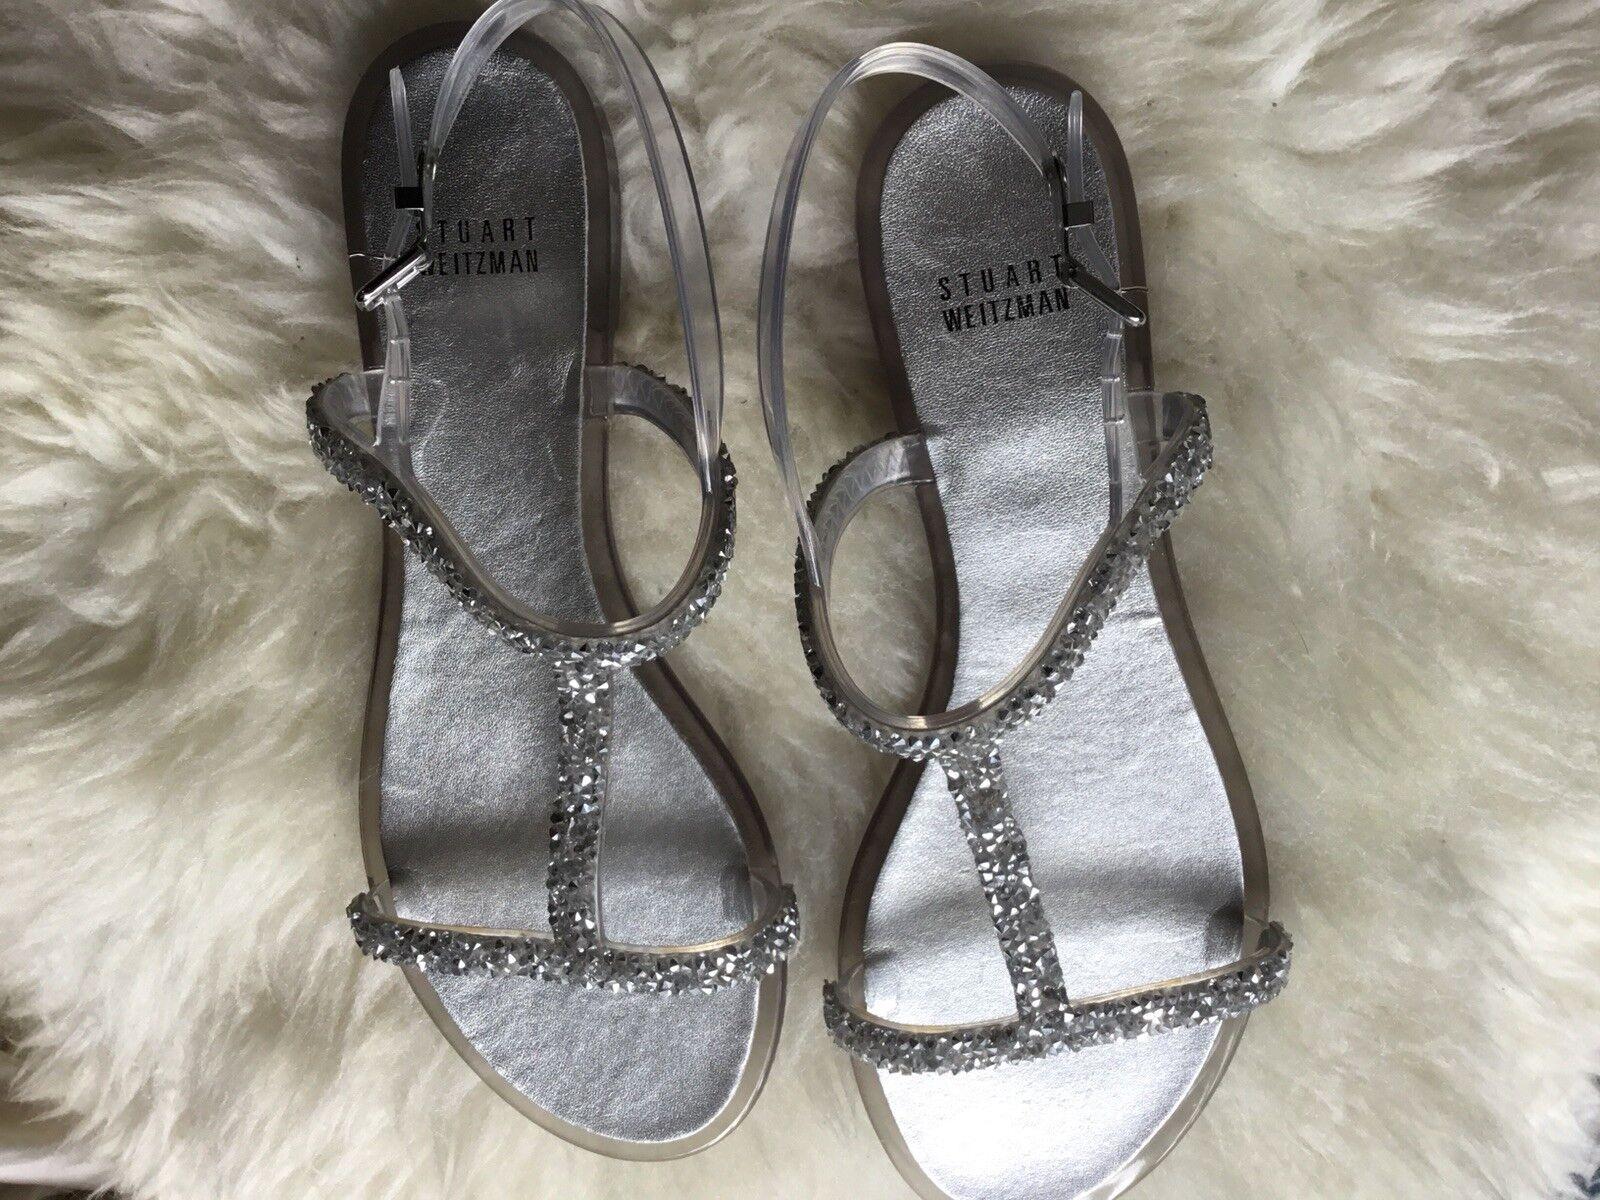 Stuart Wetzman Transparent Women Sandal ,size 39 EU (size 7 US)